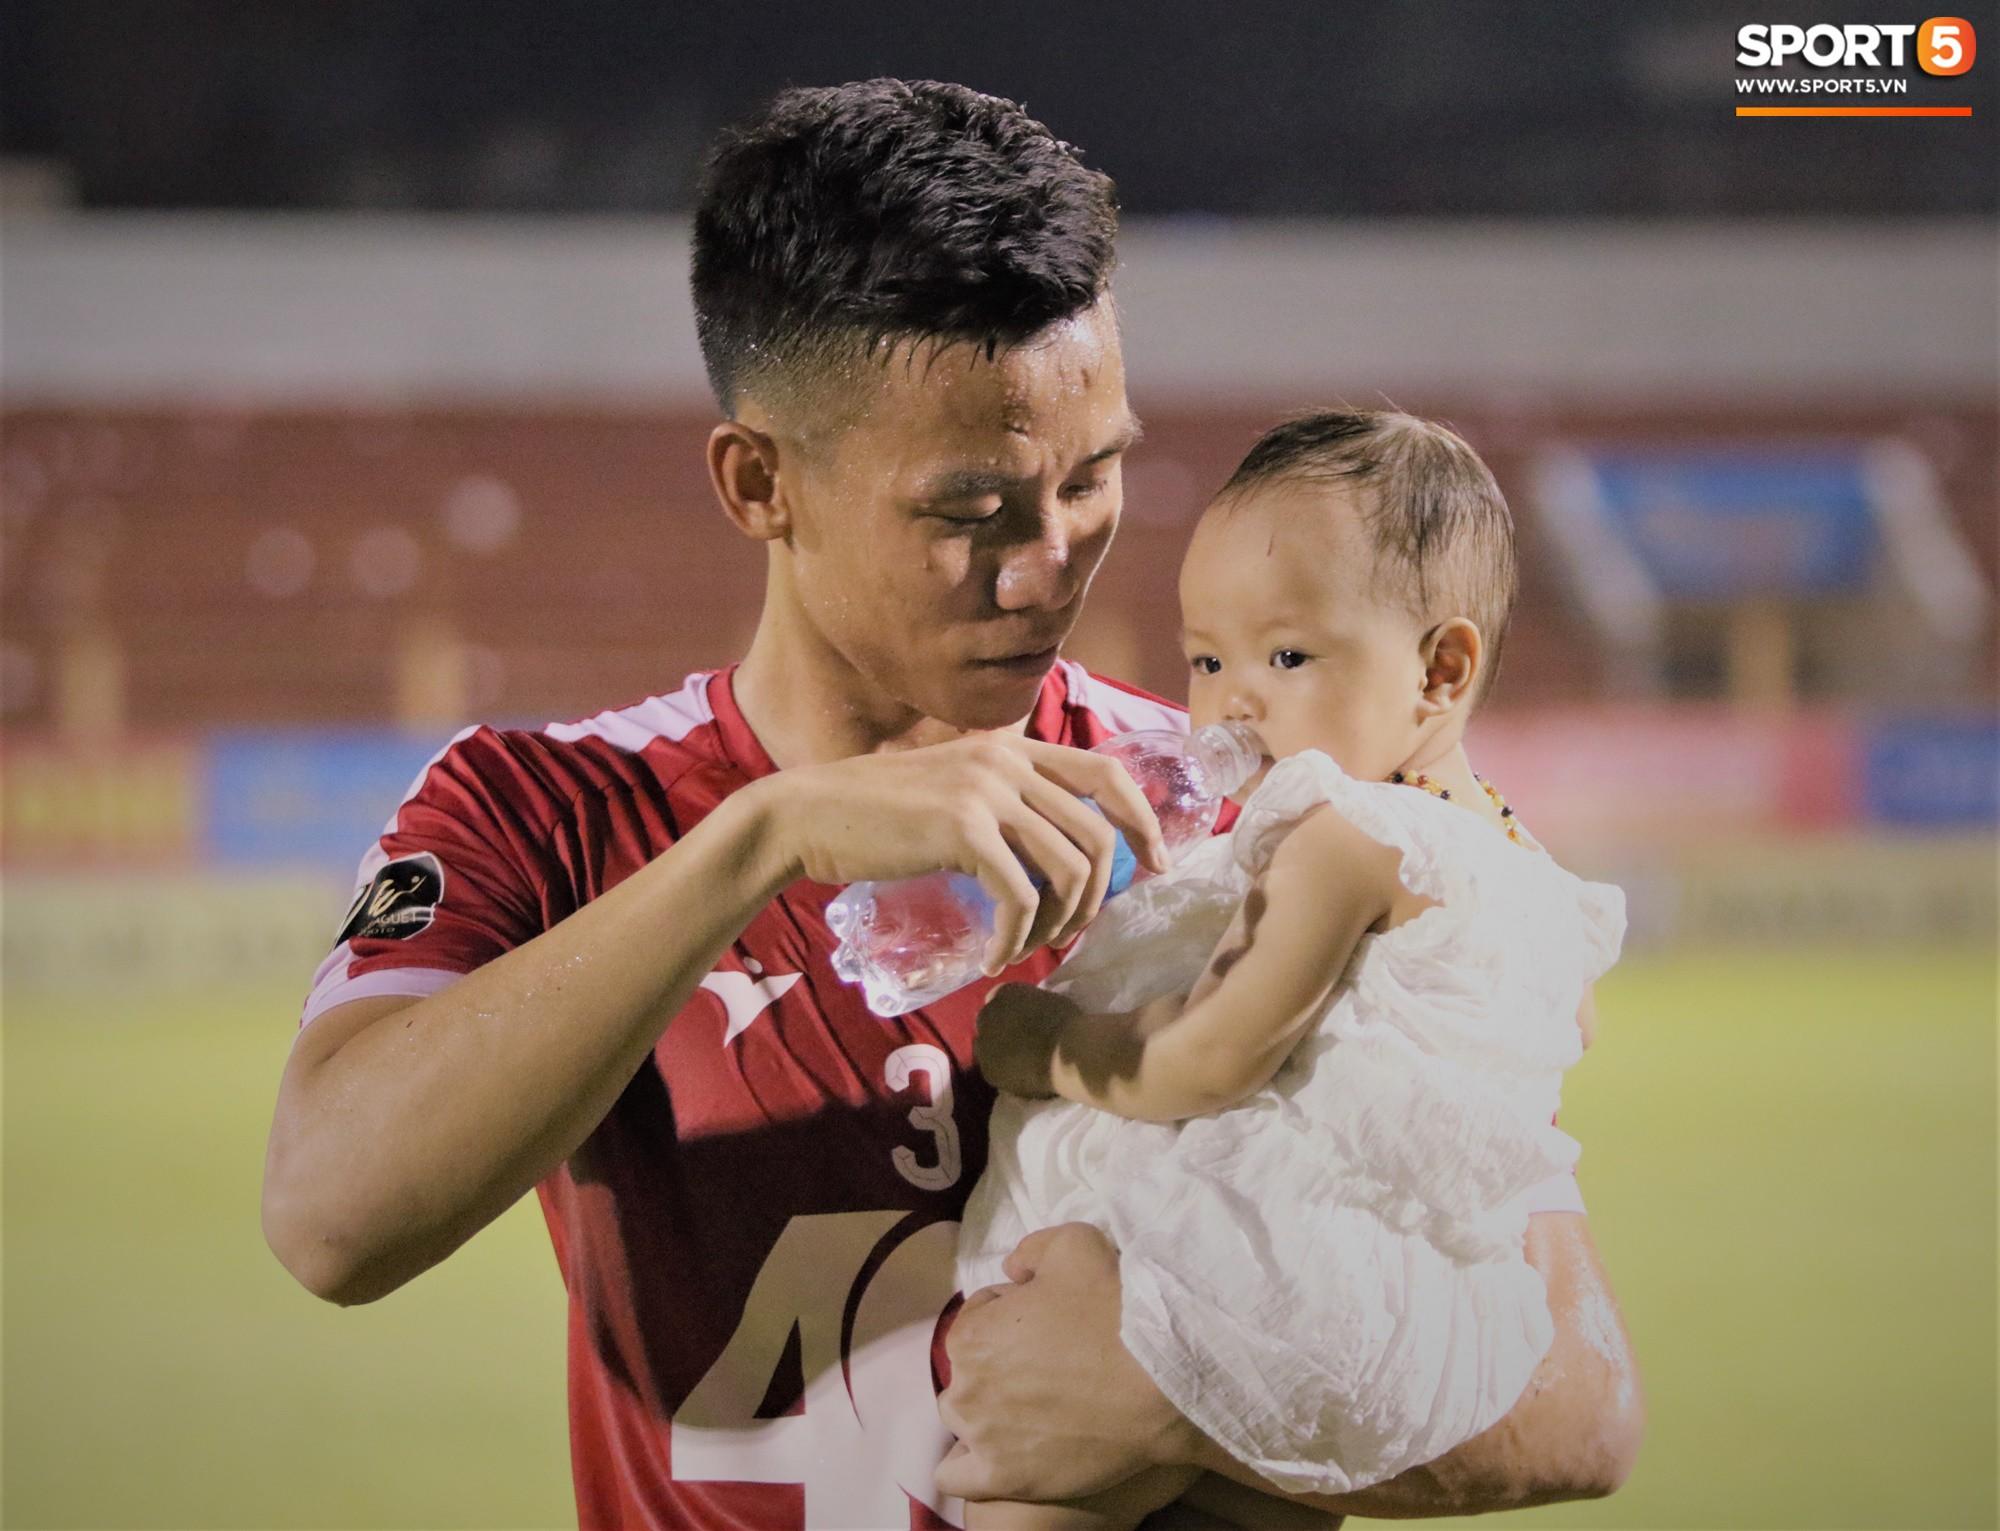 Hạnh phúc như Hải Quế: Ngày của bố được đón con gái xuống sân ăn mừng chiến thắng trước Khánh Hòa-7